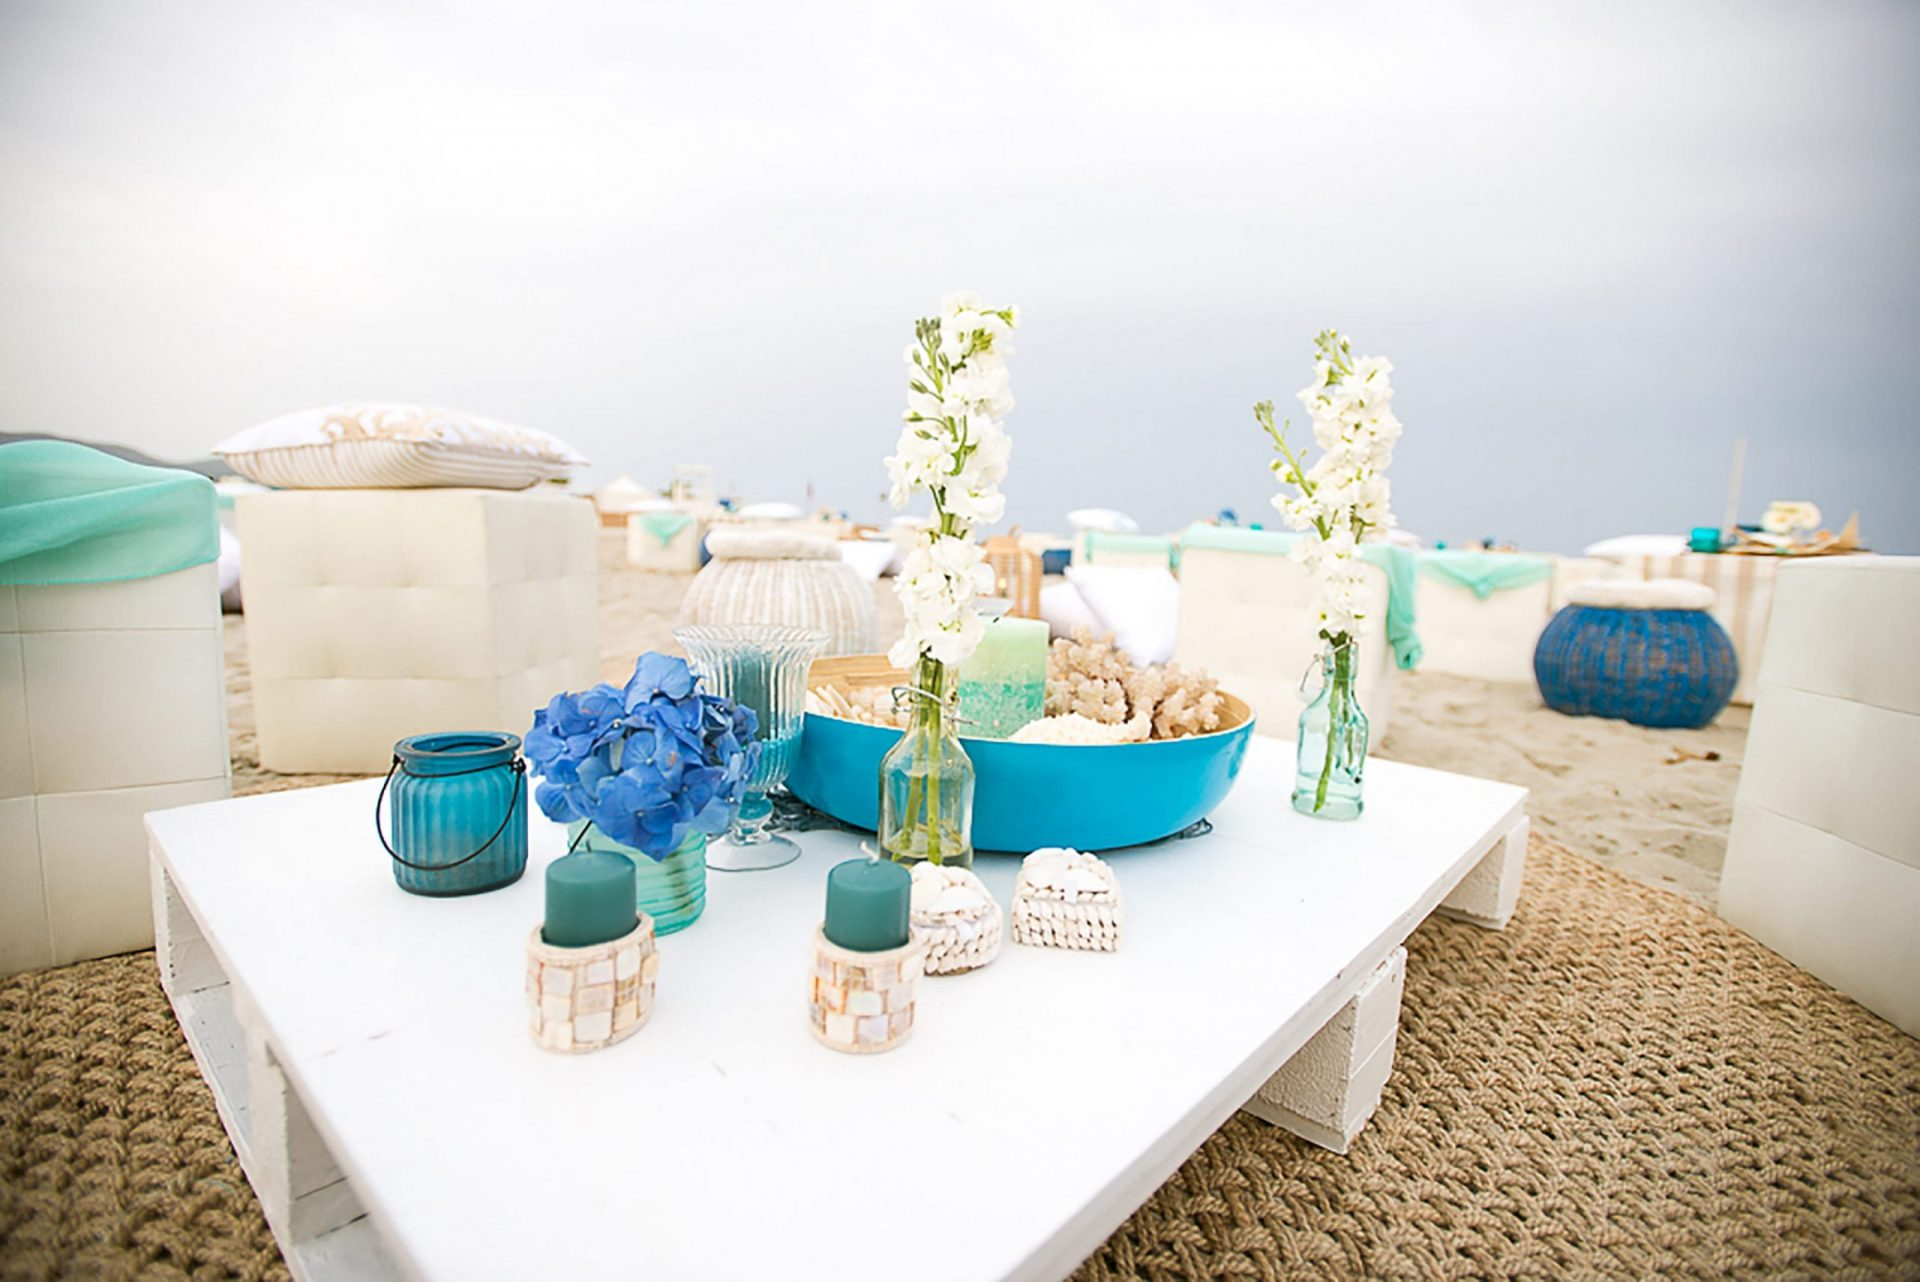 Sardinia. Theme party on the beach, decor detail